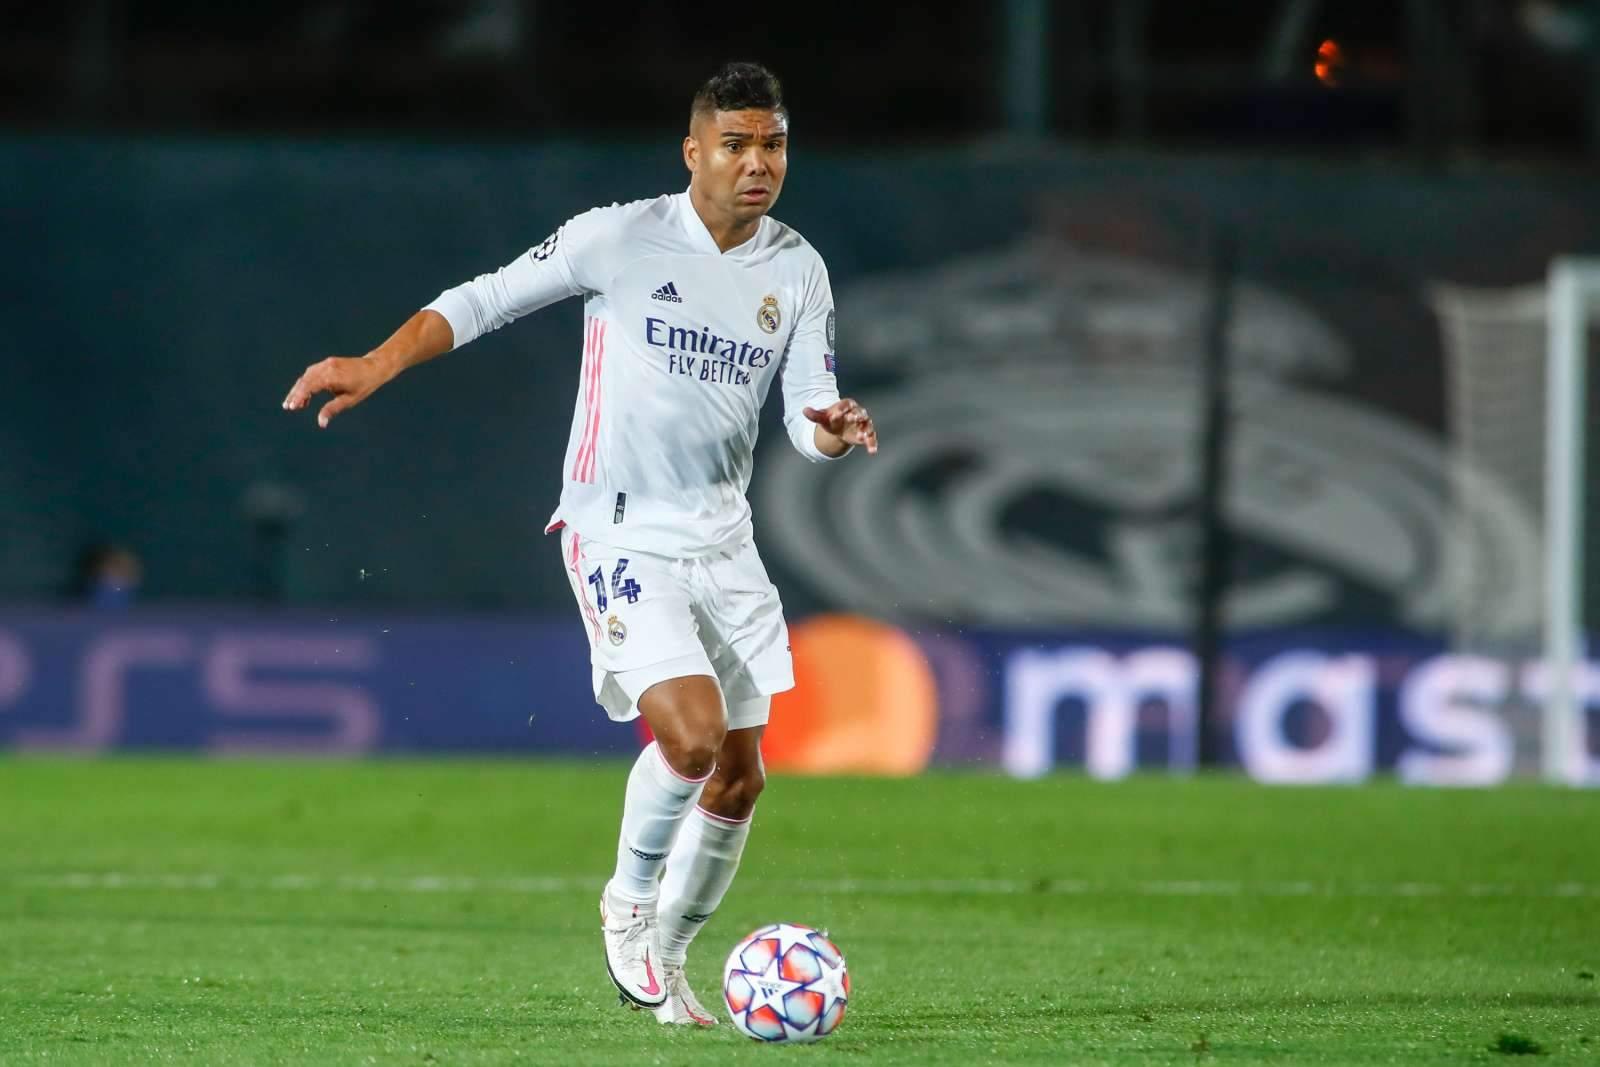 Каземиро – о матче с «Боруссией»: «Соперник дважды доходил до нашей штрафной и дважды забил»